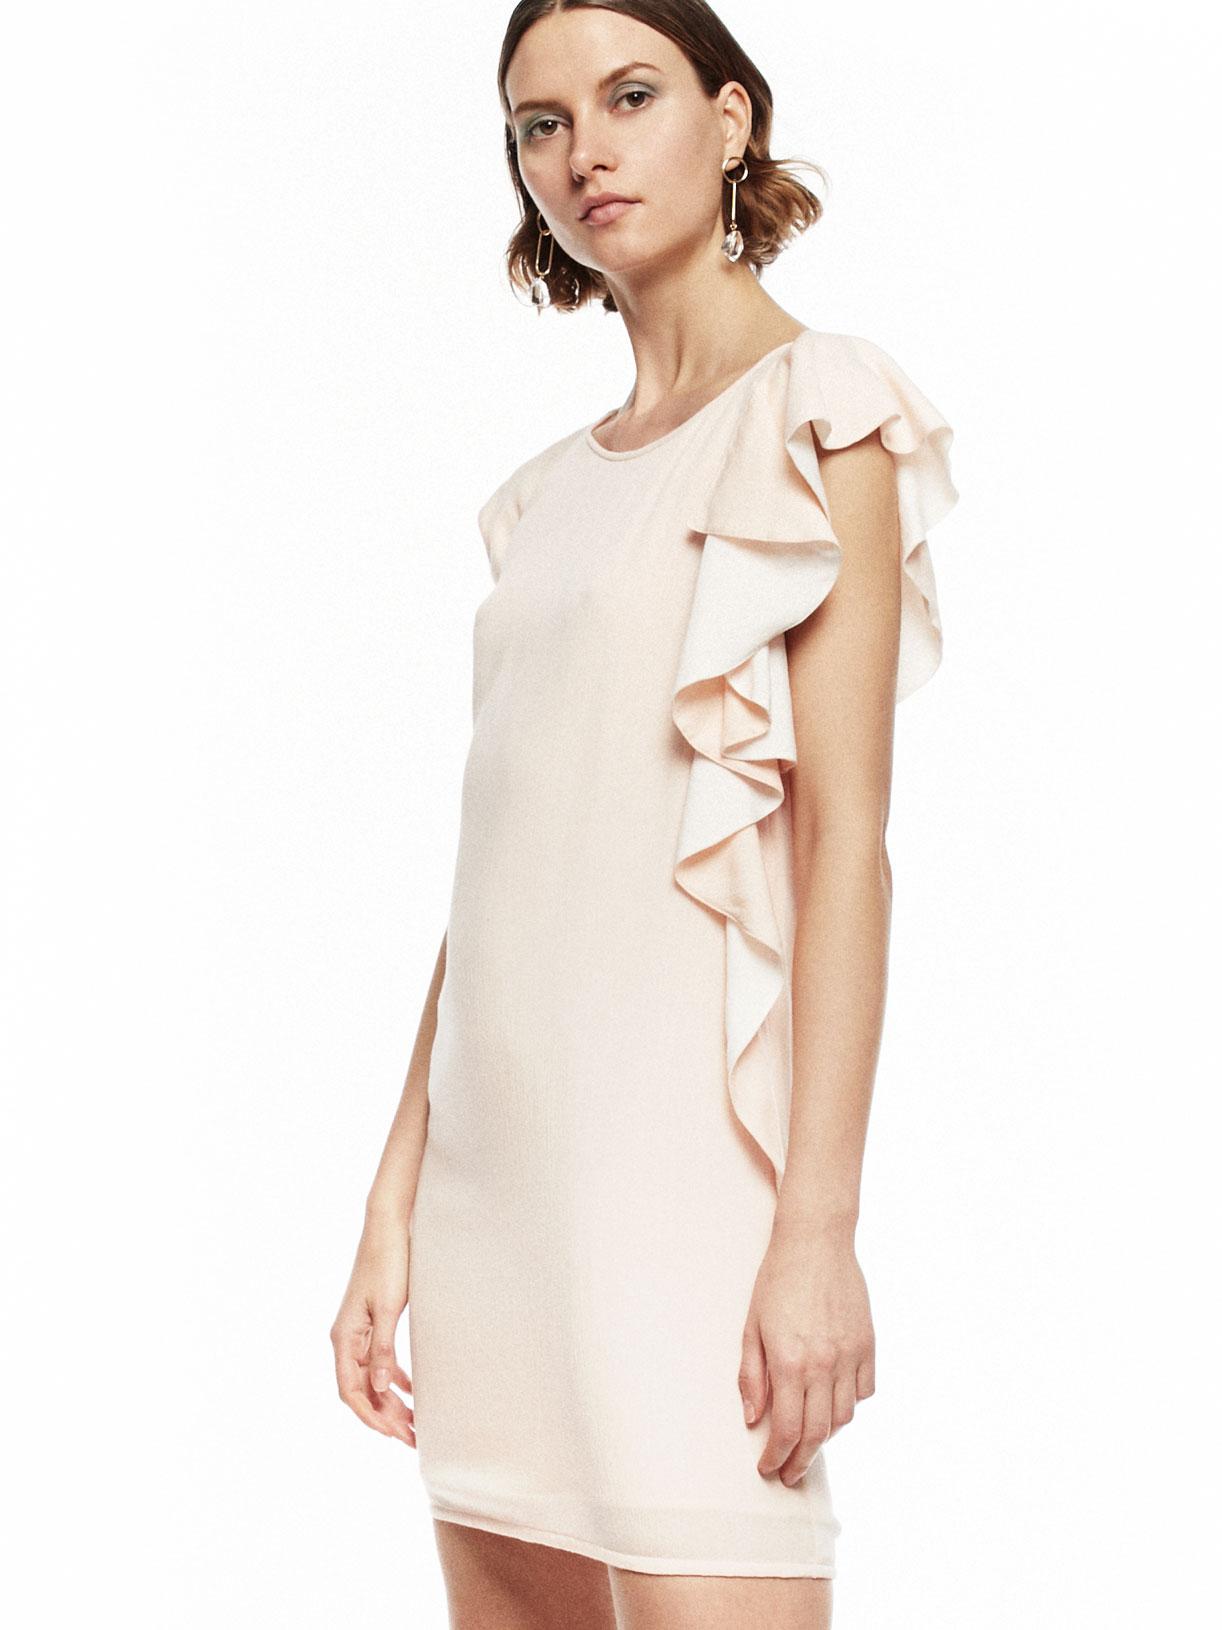 Robe d'invitee mariage courte rose poudre a volants écoresponsable - Creatrice de mode éthique et bio a Paris - Myphilosophy